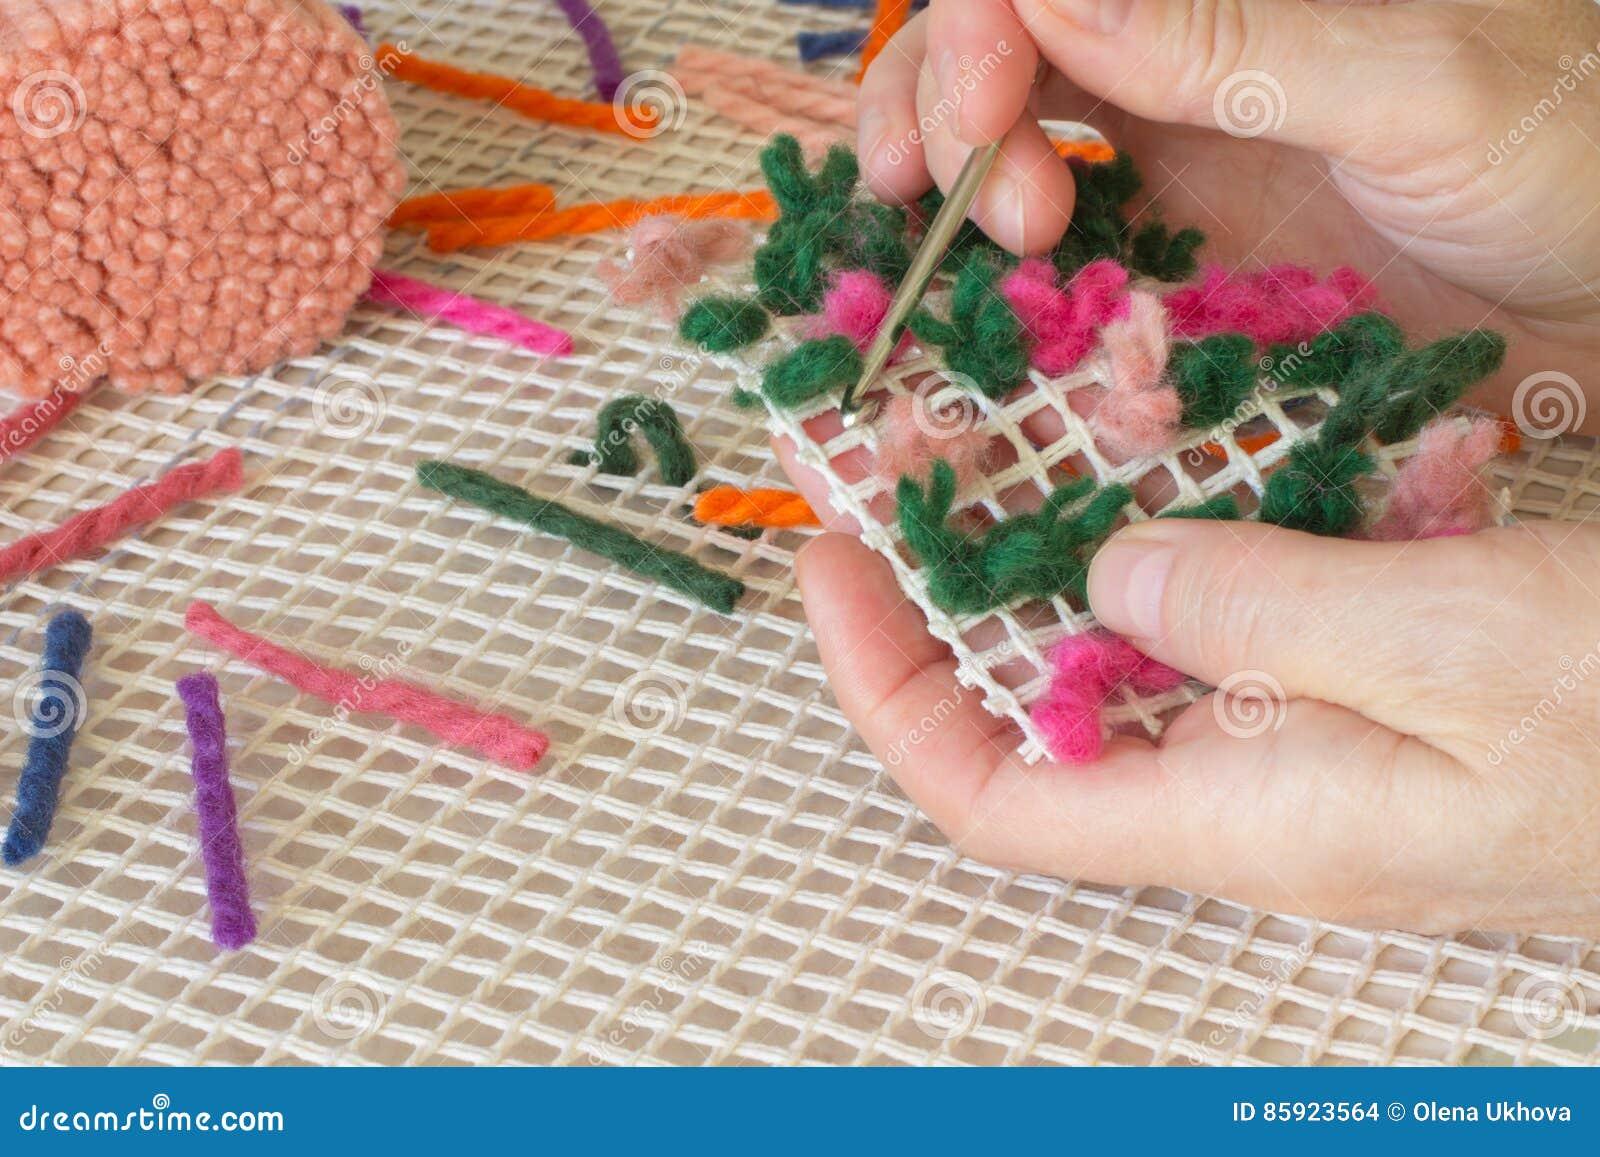 Gekleurde Wollen Een Draad Voor Het Weven Van Dekens Handmade Stock